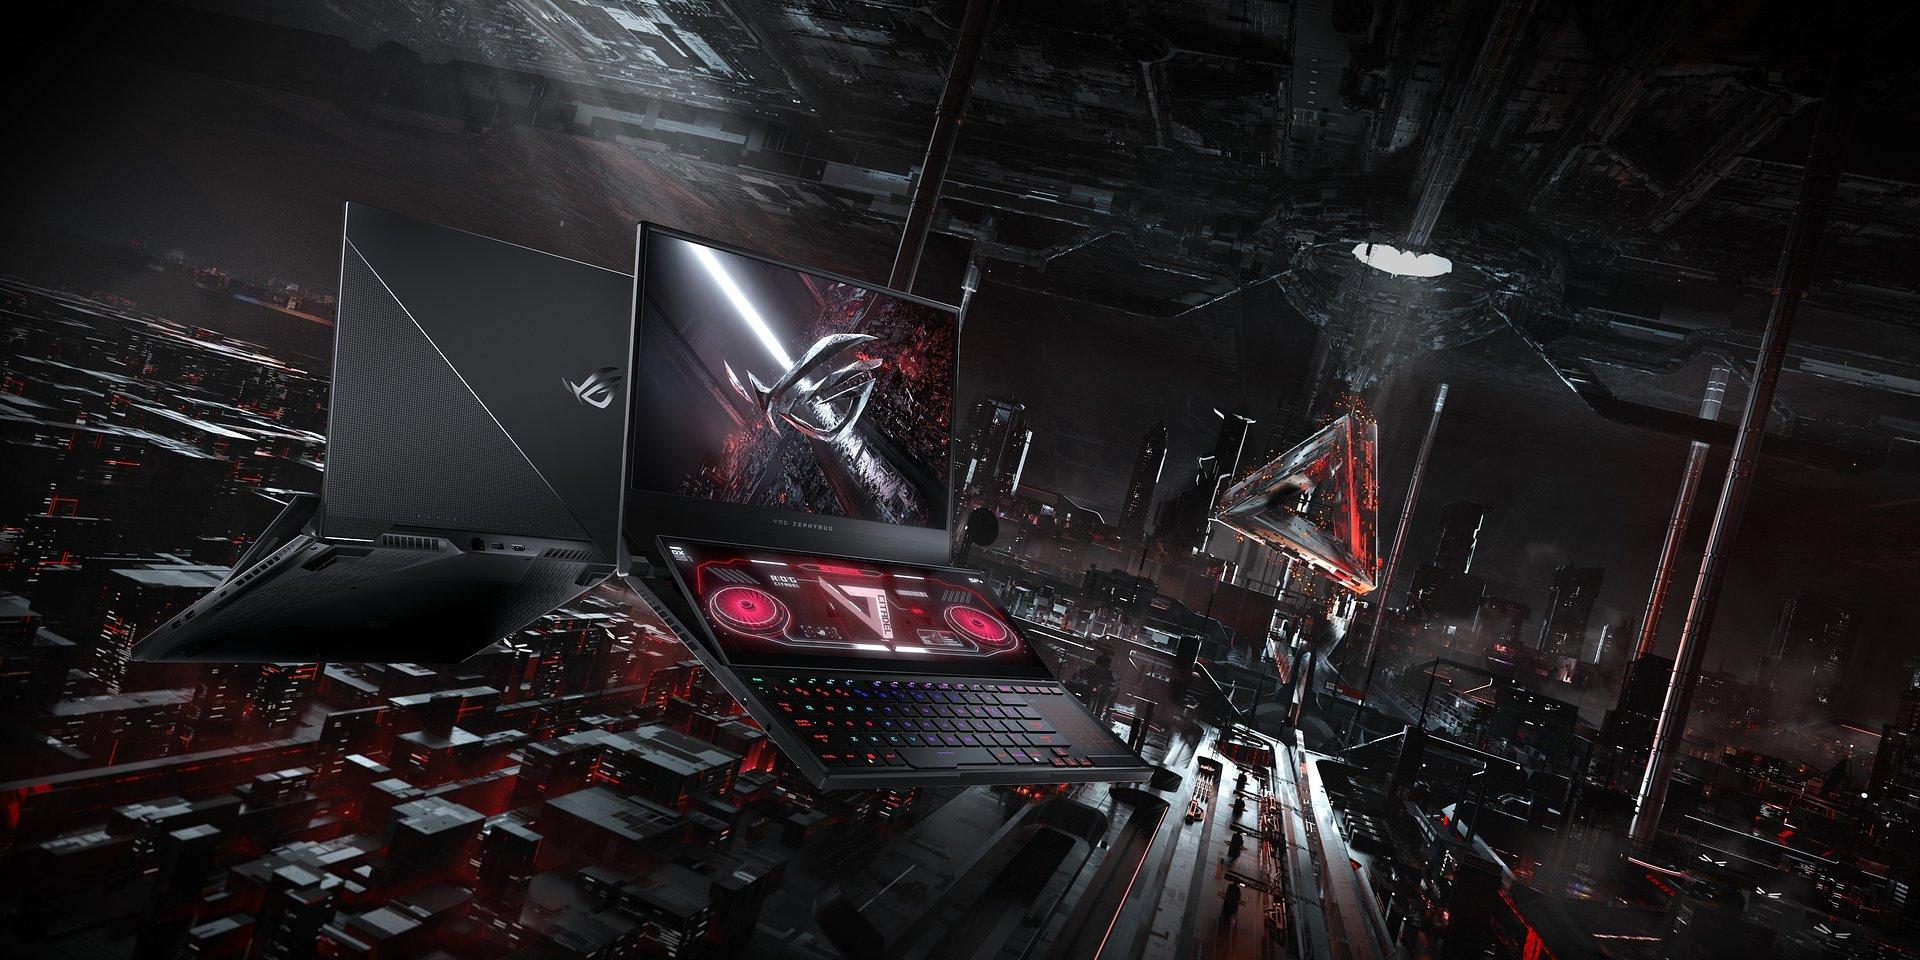 ASUS ROG prezentuje dwuekranowego laptopa gamingowego Zephyrus Duo 15 SE